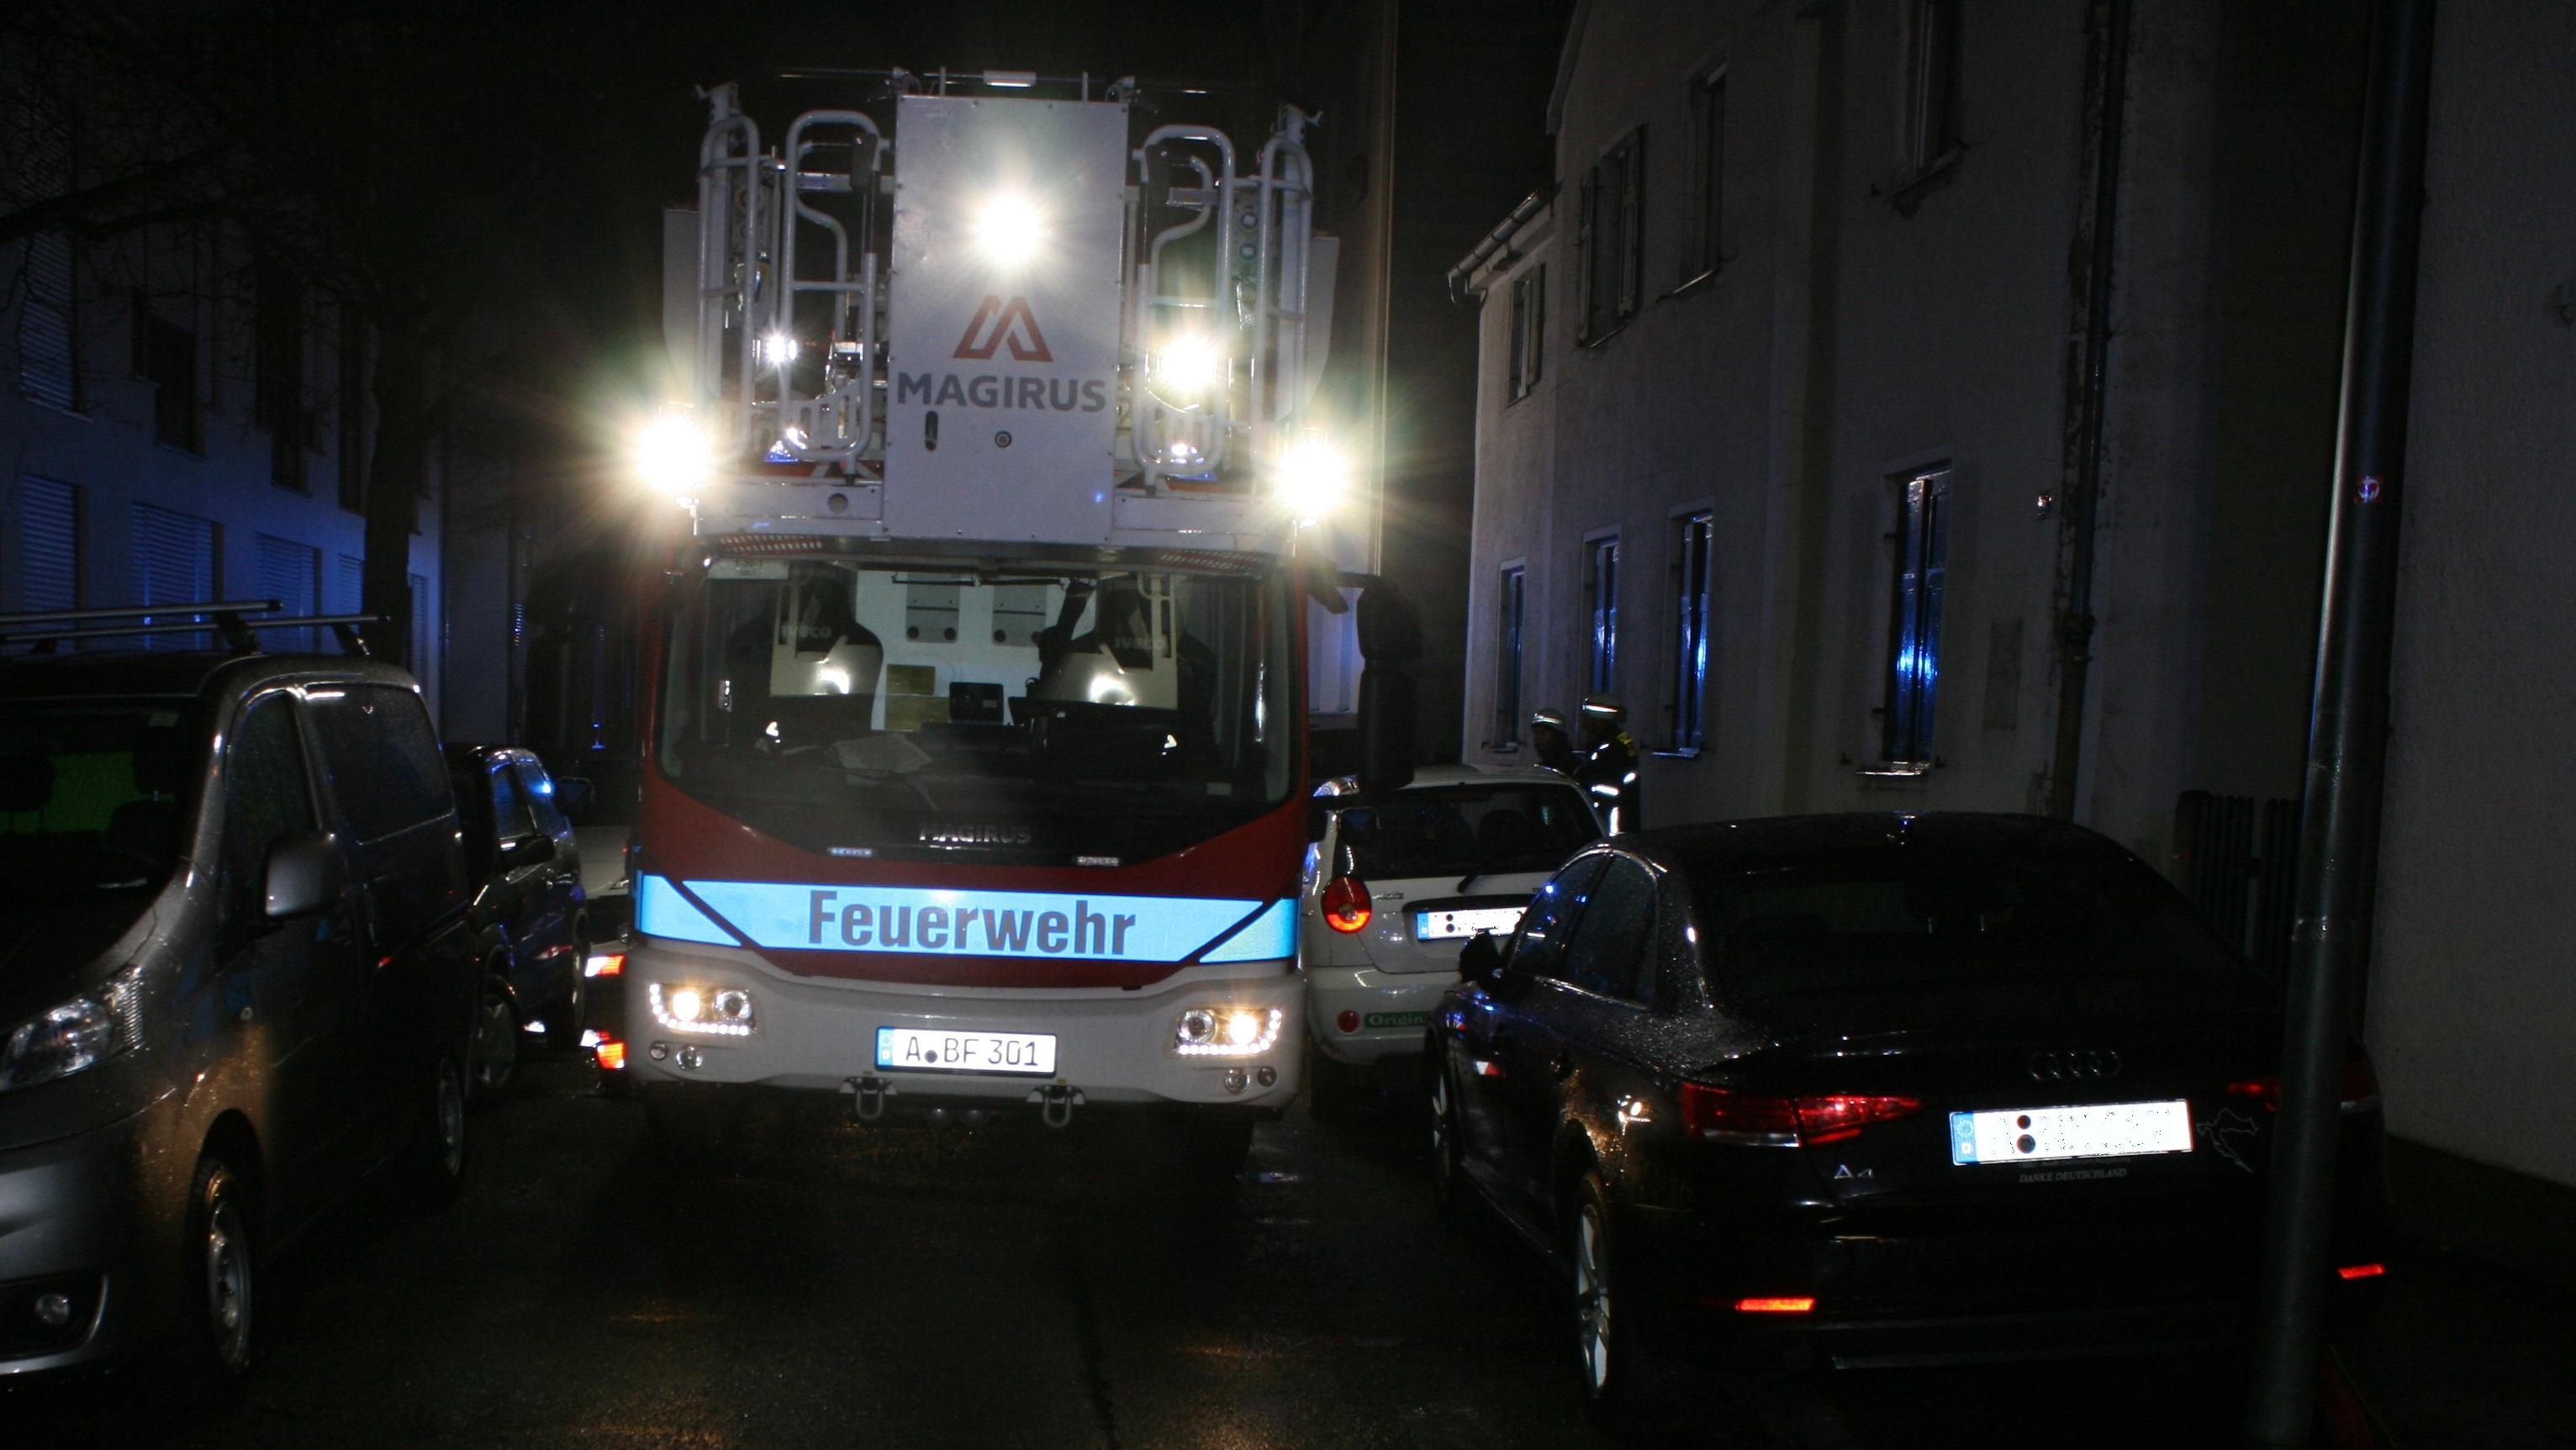 Drehleiter der Feuerwehr bei einem Einsatz in der Schützenstraße in Augsburg